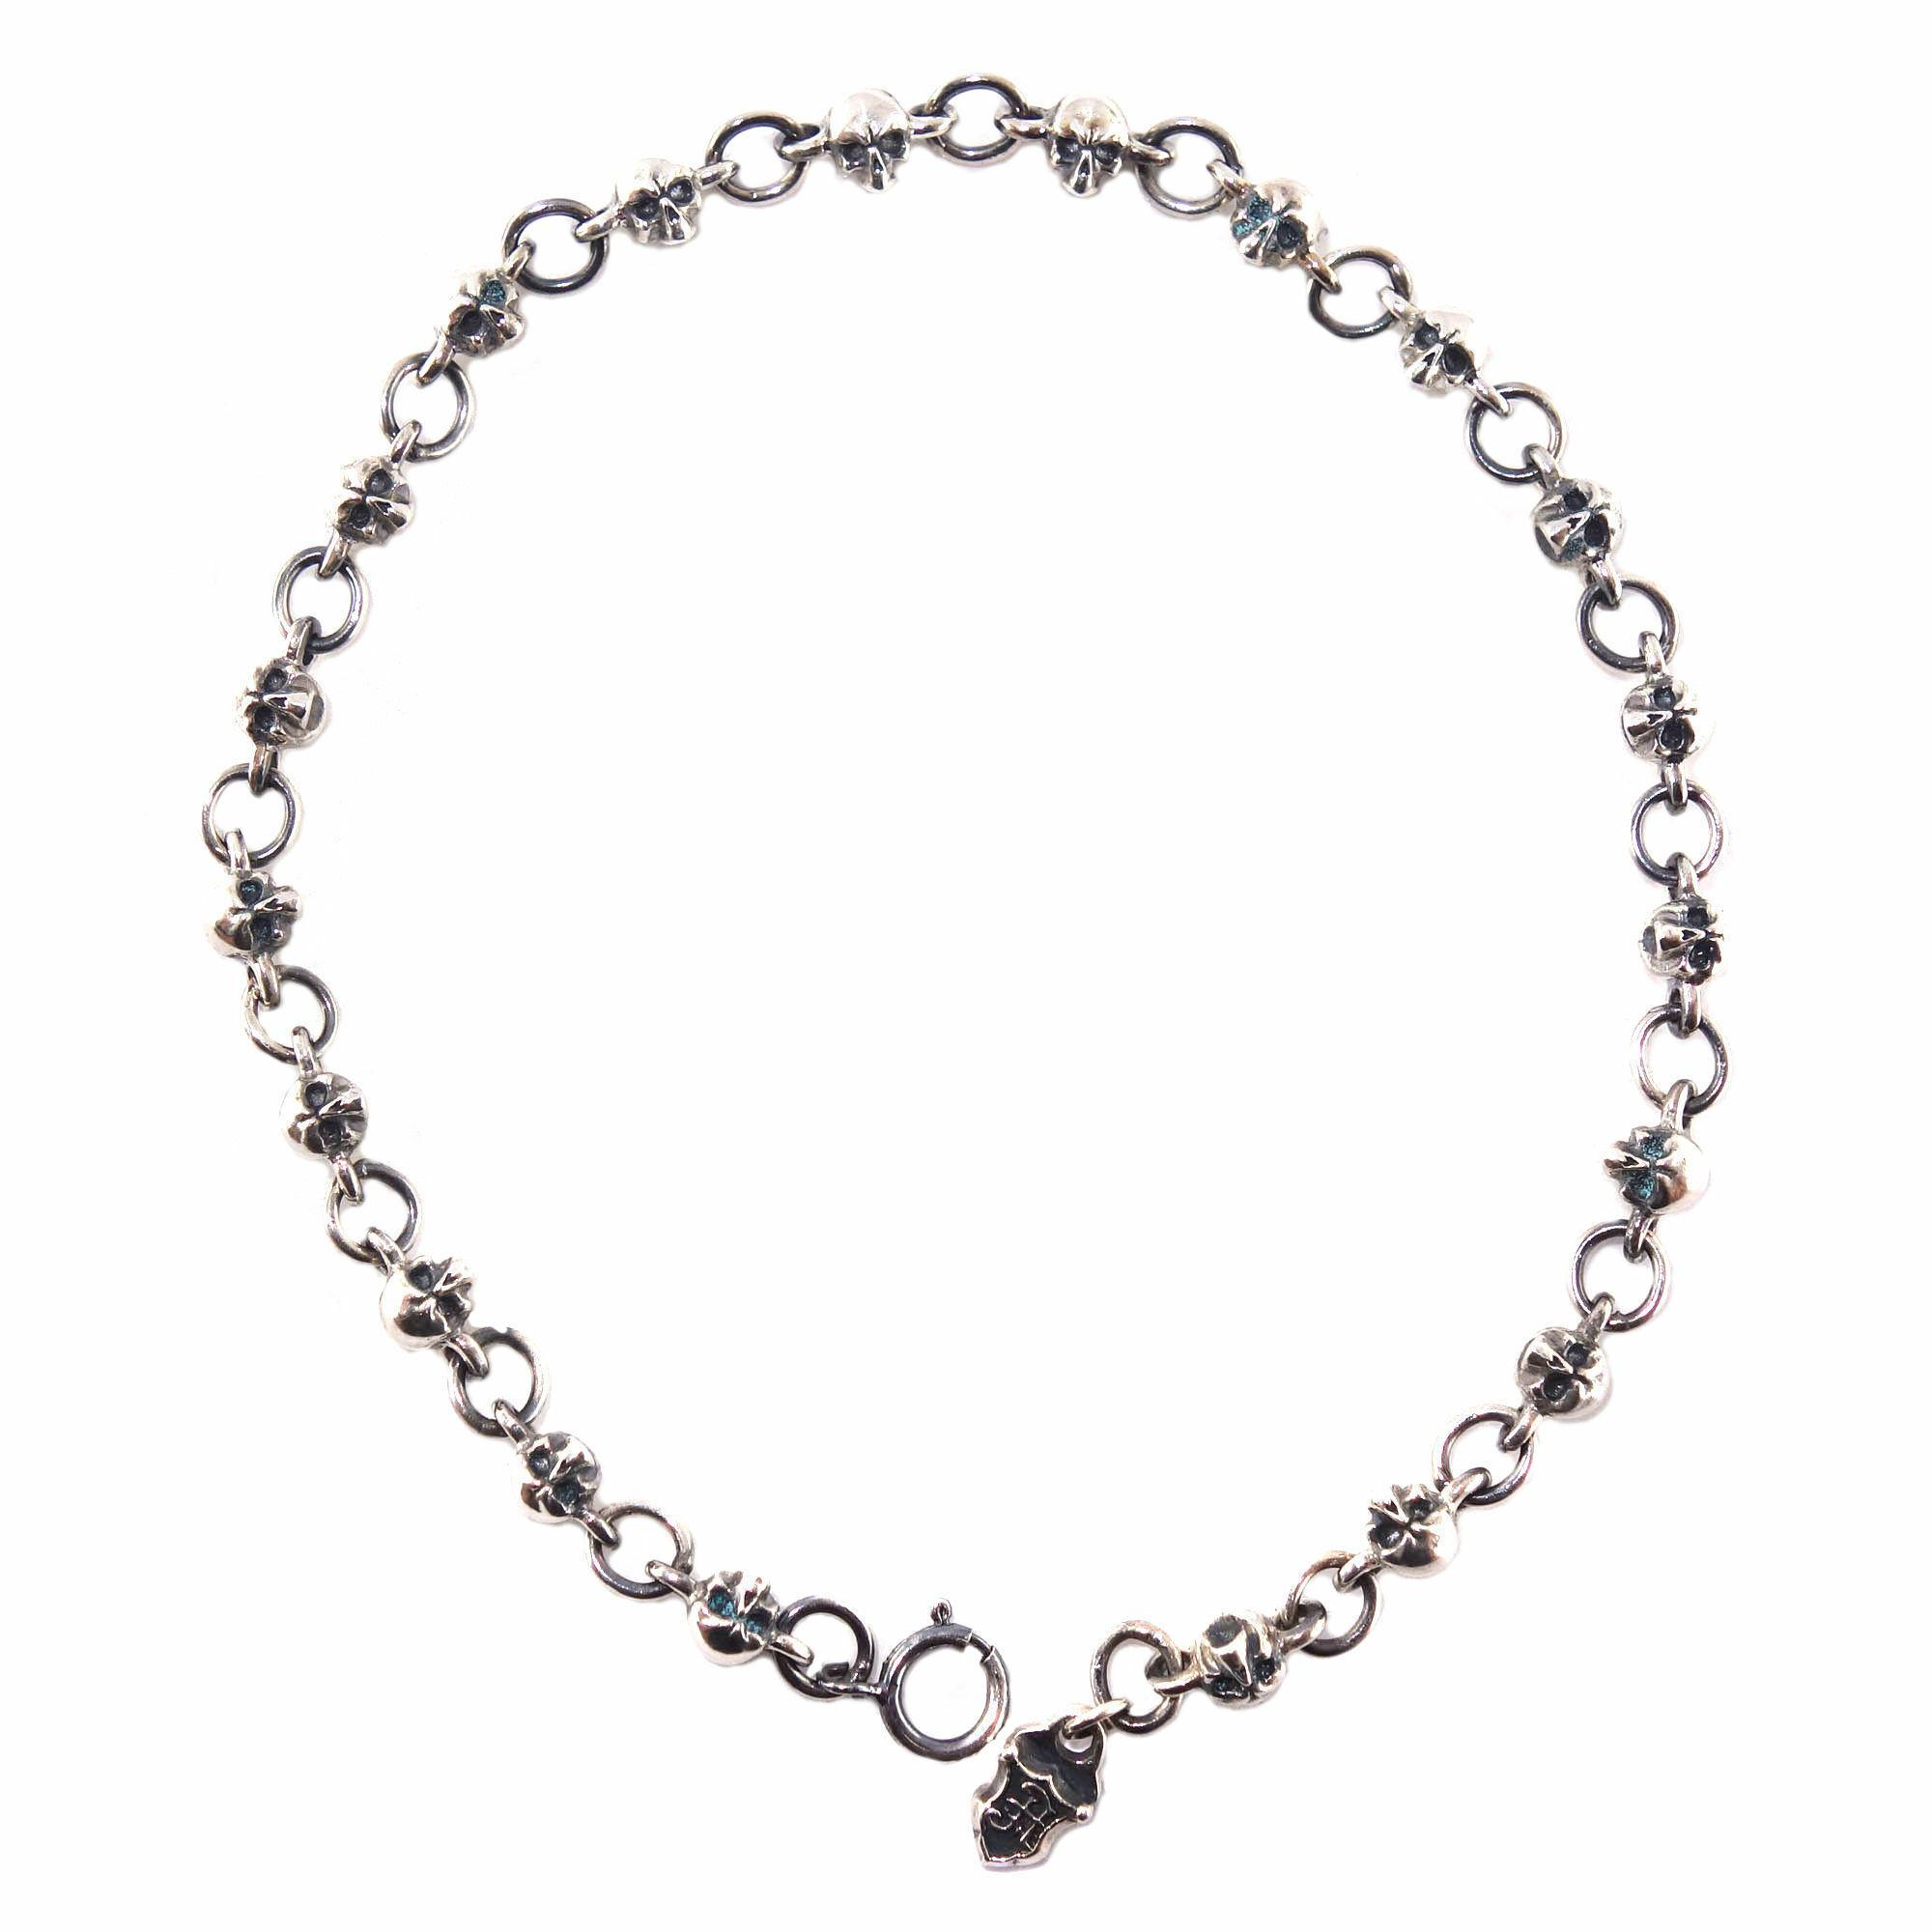 スカルブレスレット ACB0105 Skull bracelet